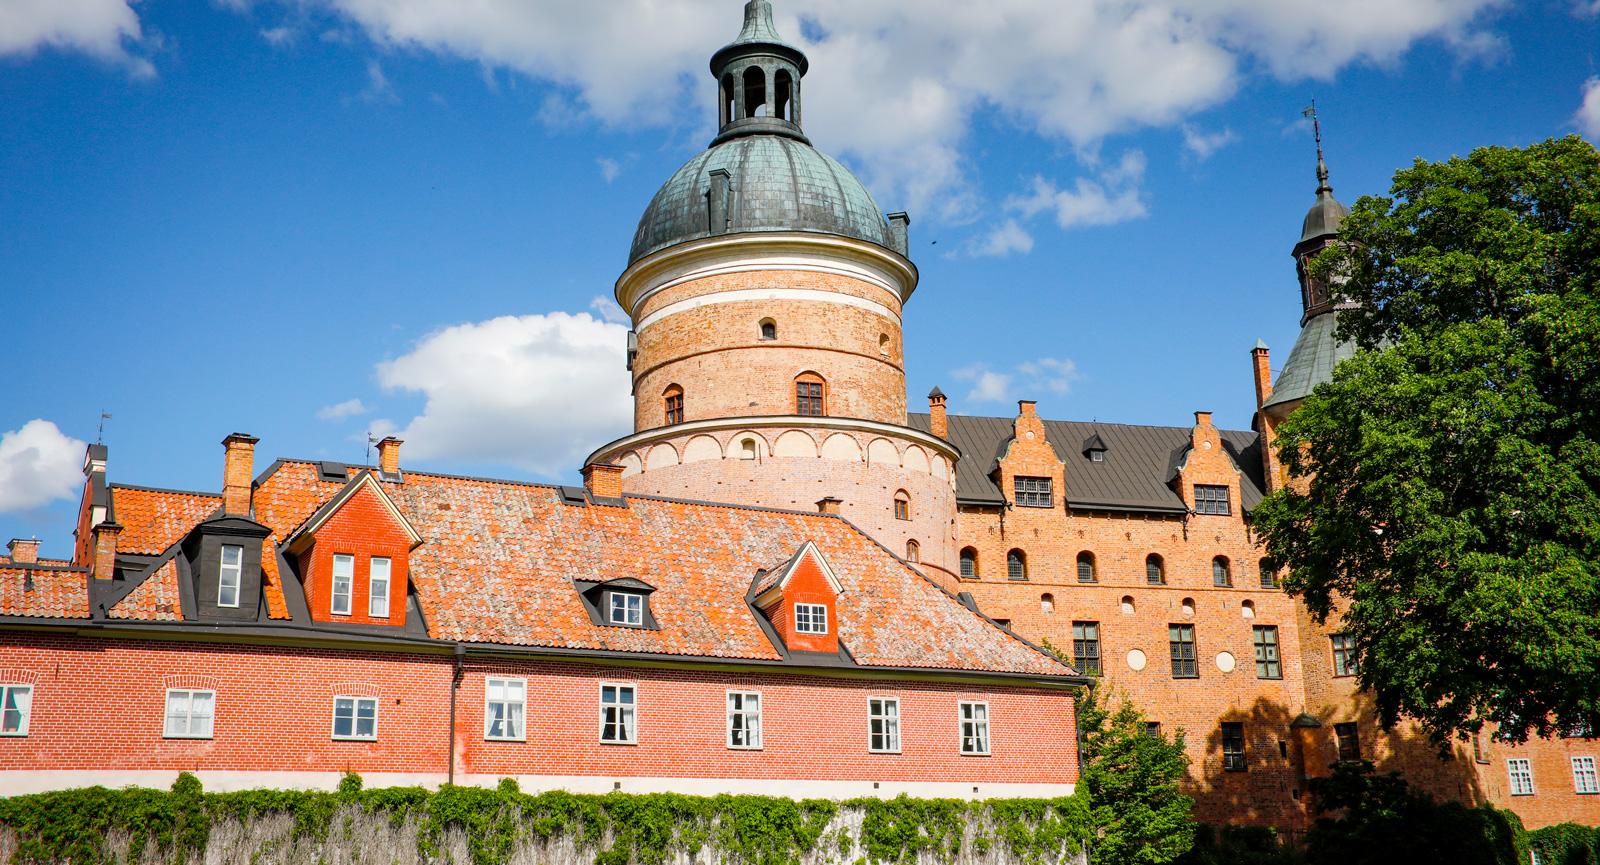 Gripsholms slott ligger vackert ända inne i Mariefred.